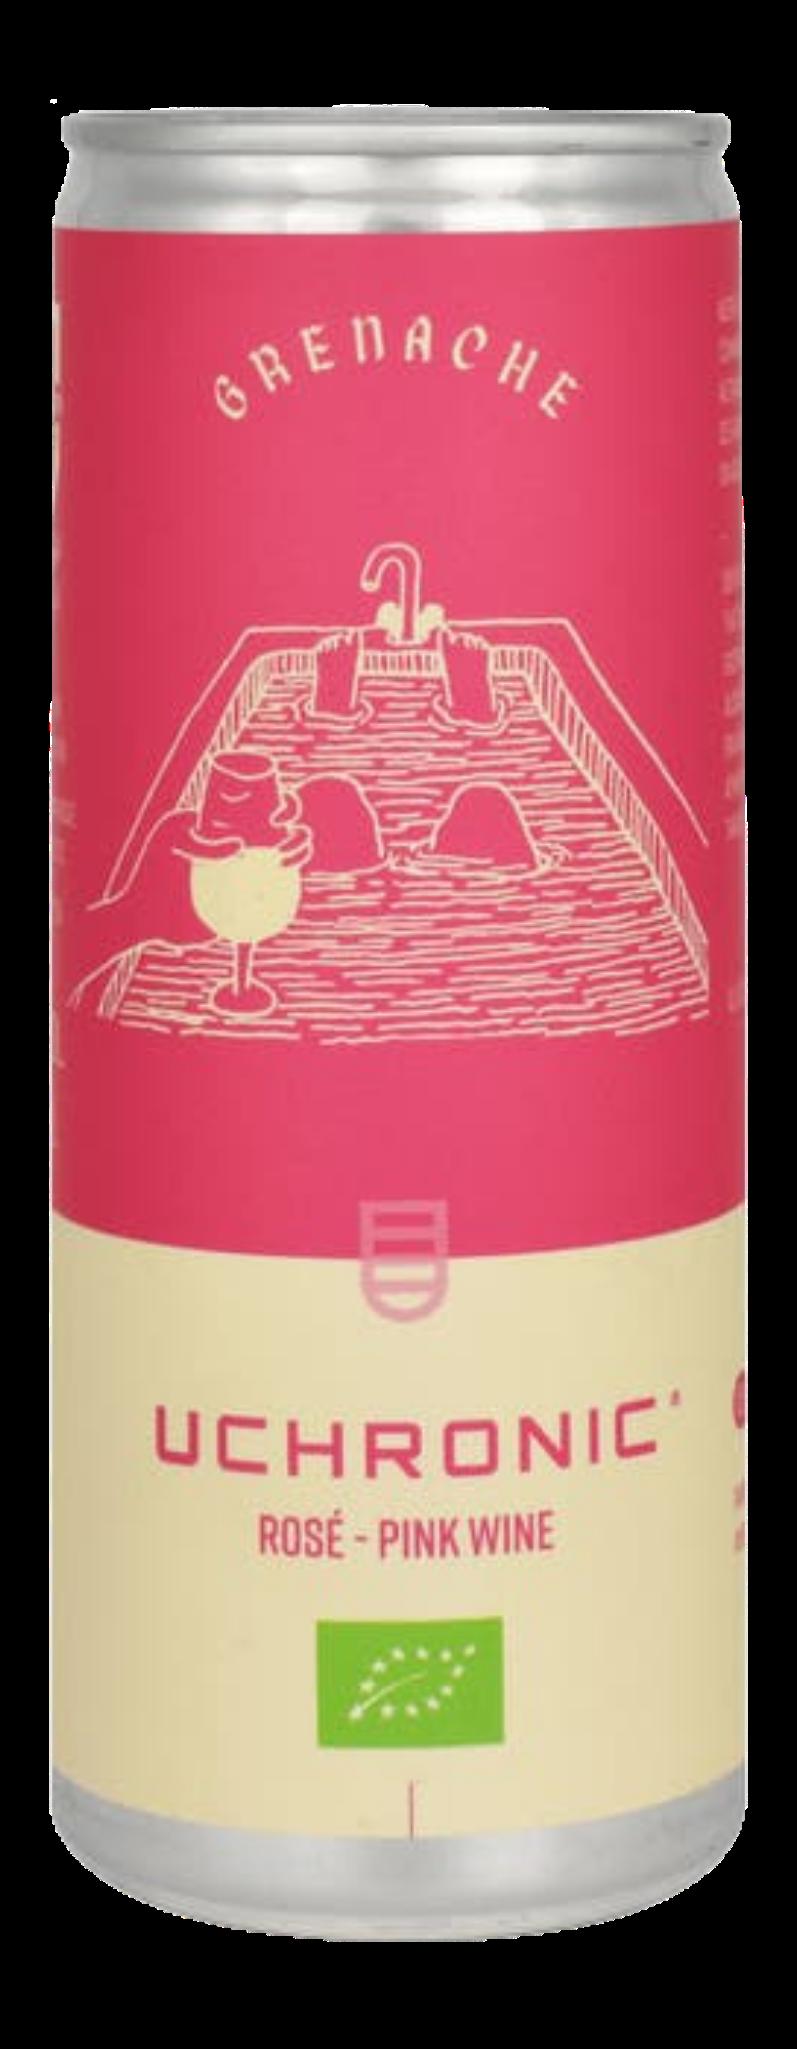 vin rosé bio en canette - Grenache IGP pays d'oc